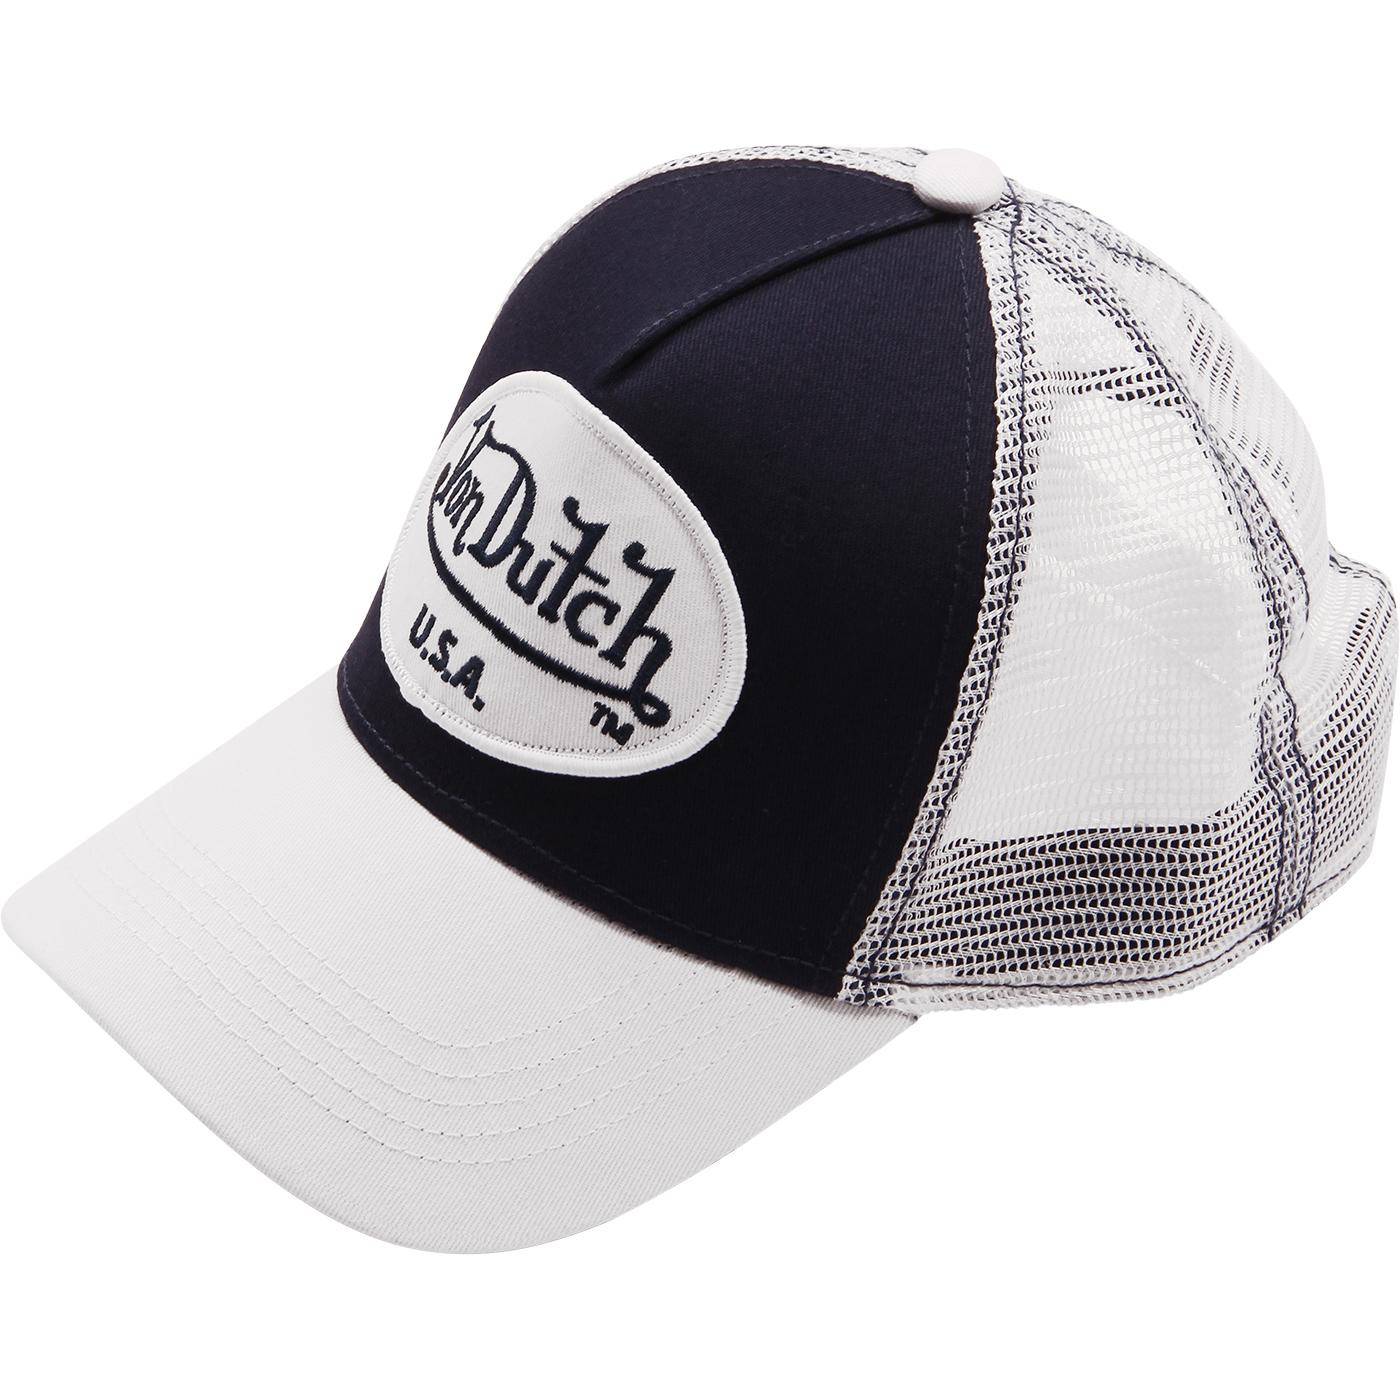 VON DUTCH USA Patch Retro Trucker Cap NAVY/WHITE